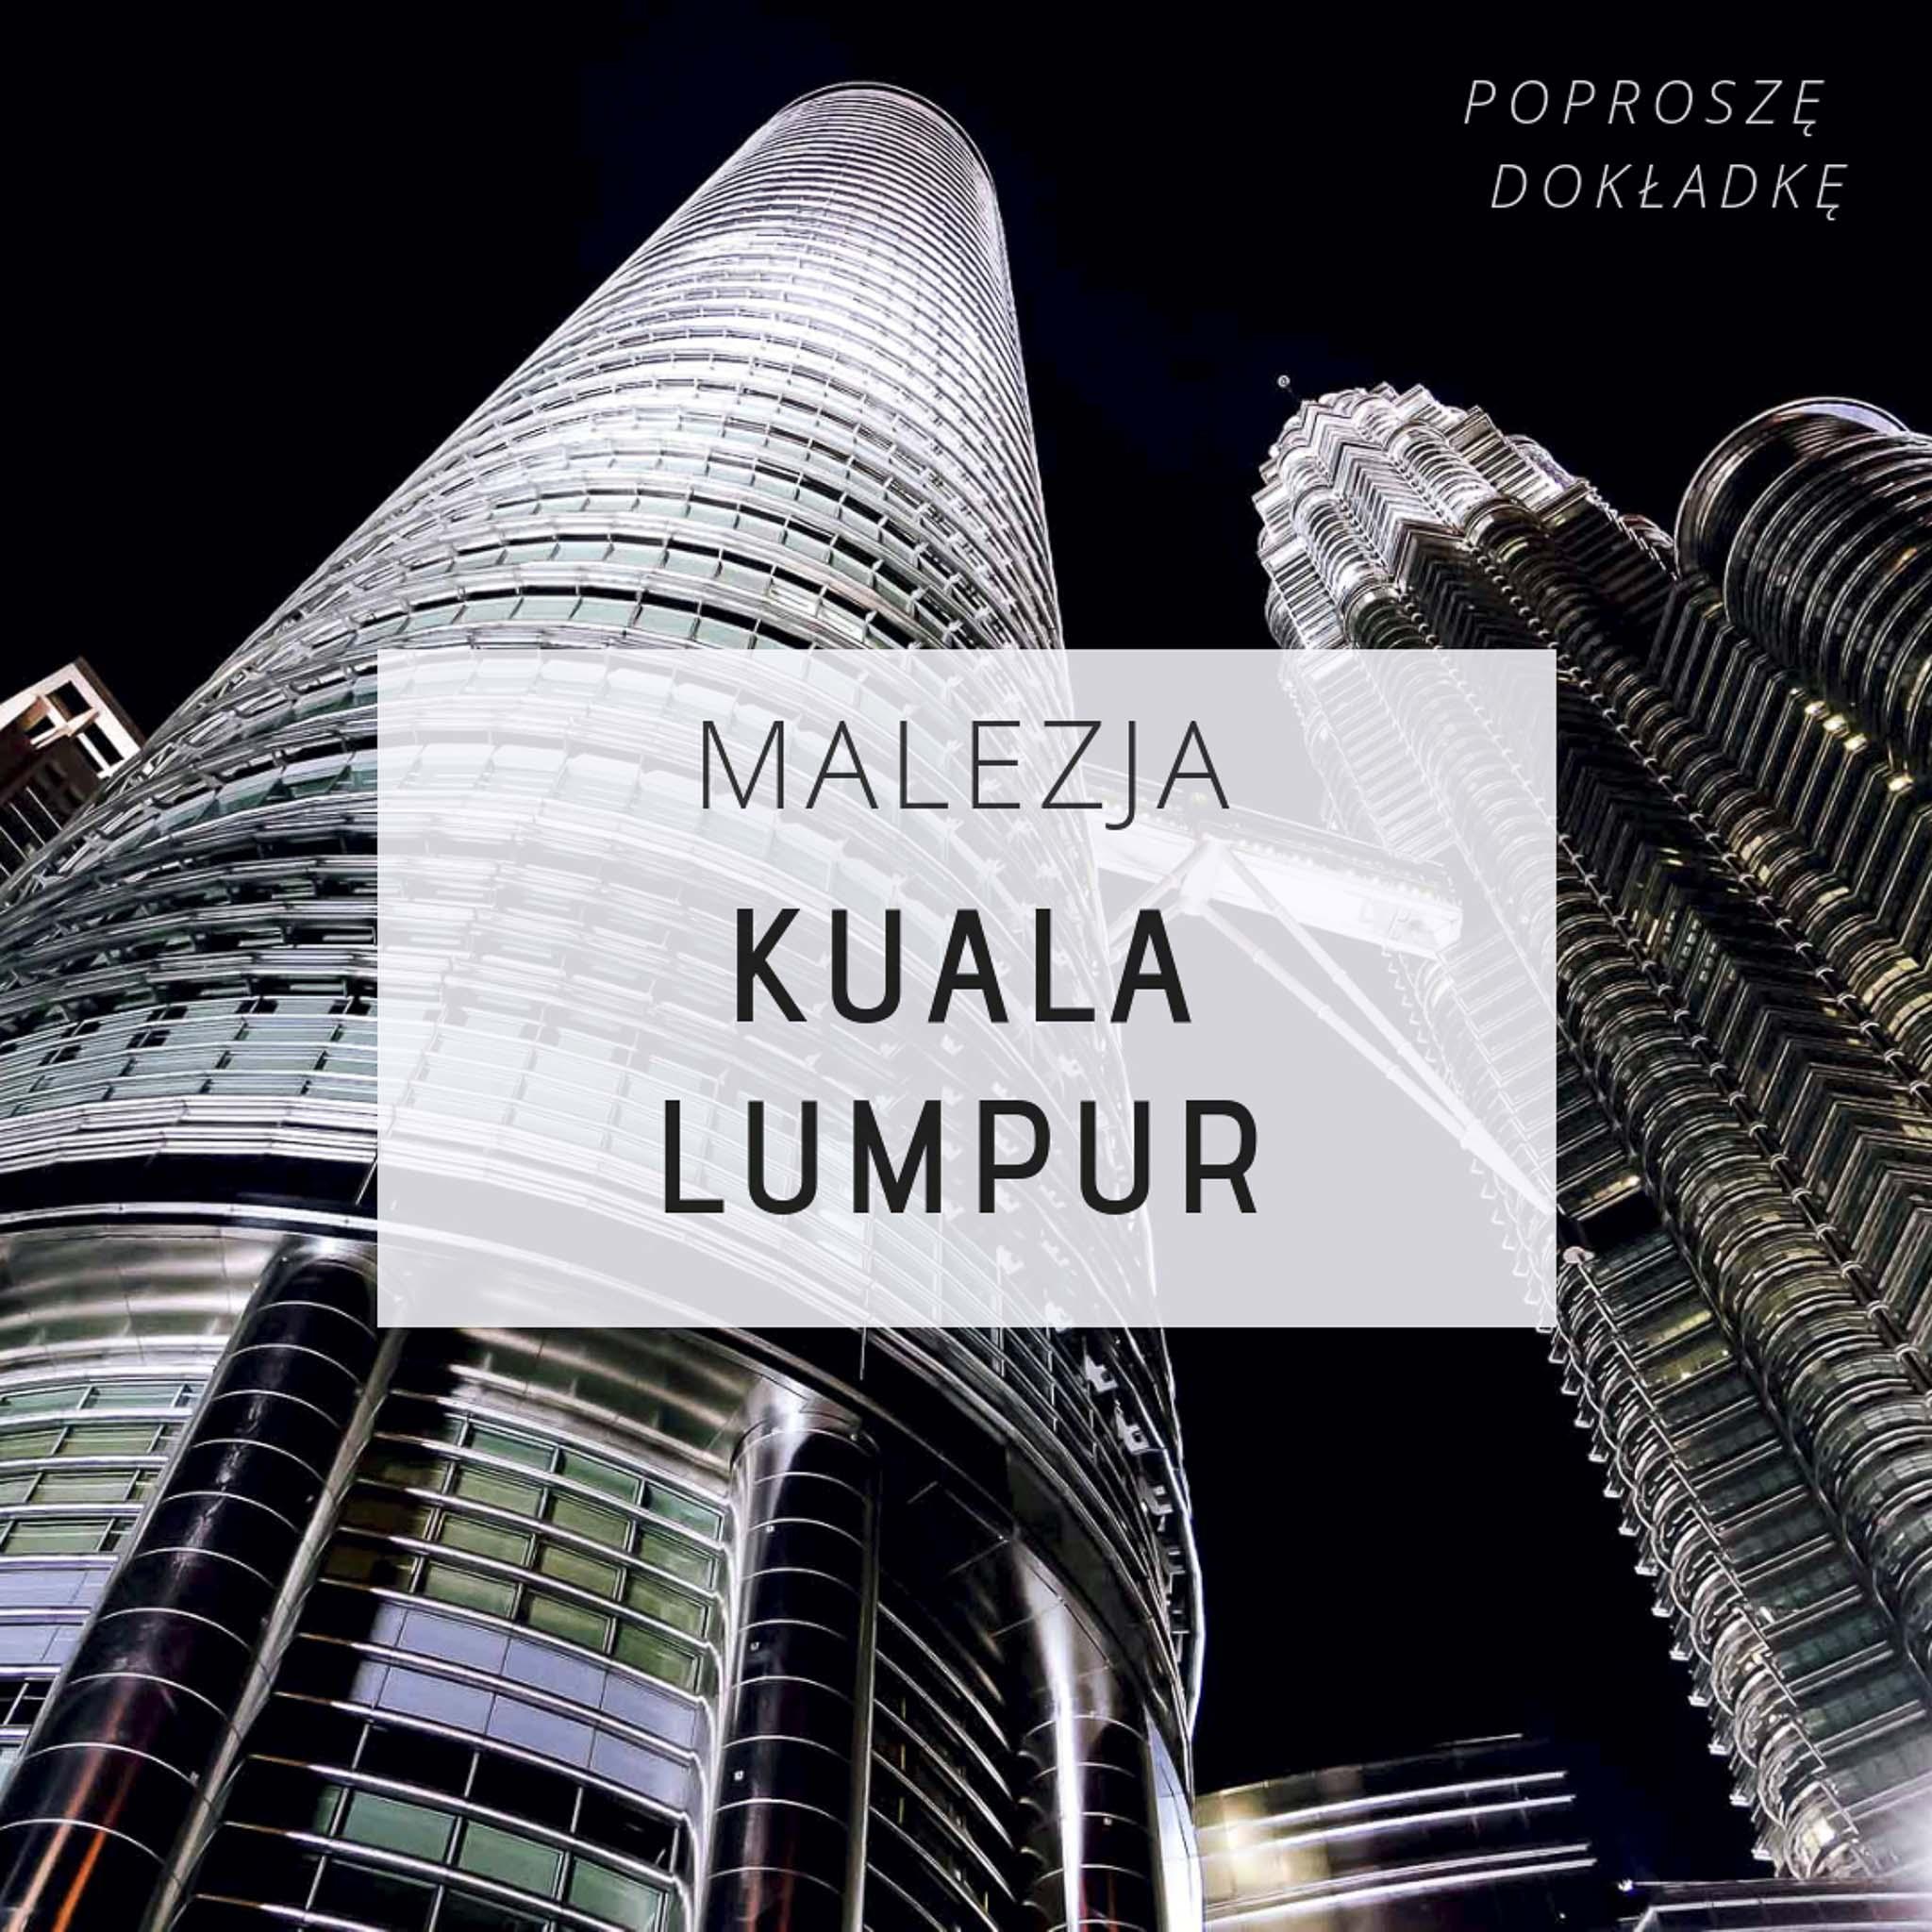 Malezja - Kuala Lumpur